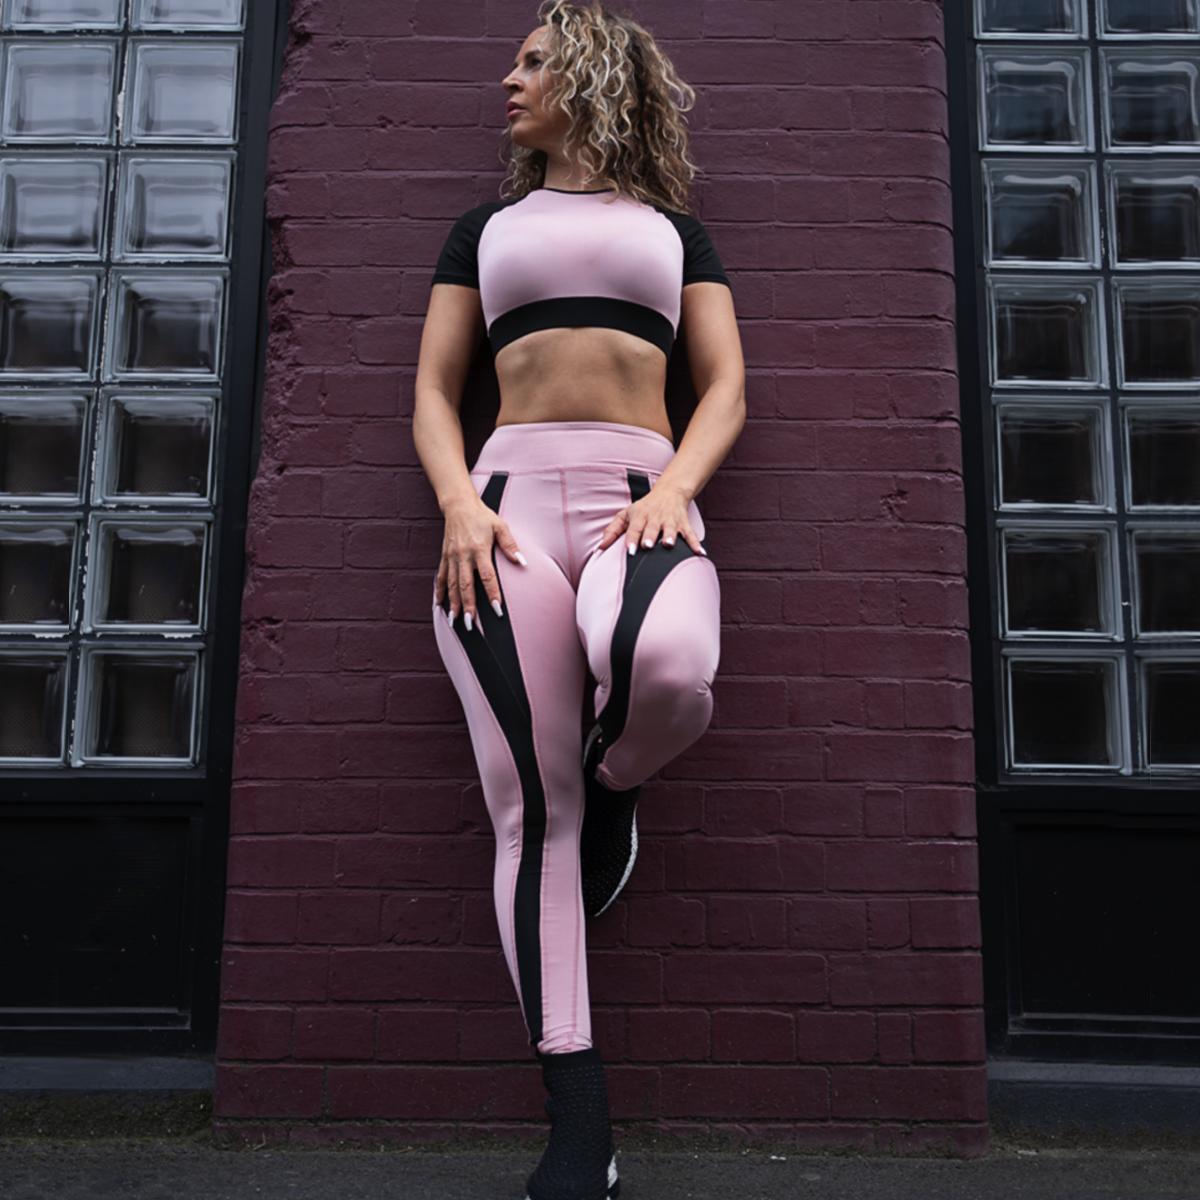 Tamara-Kramer-Pink-set01-1.png